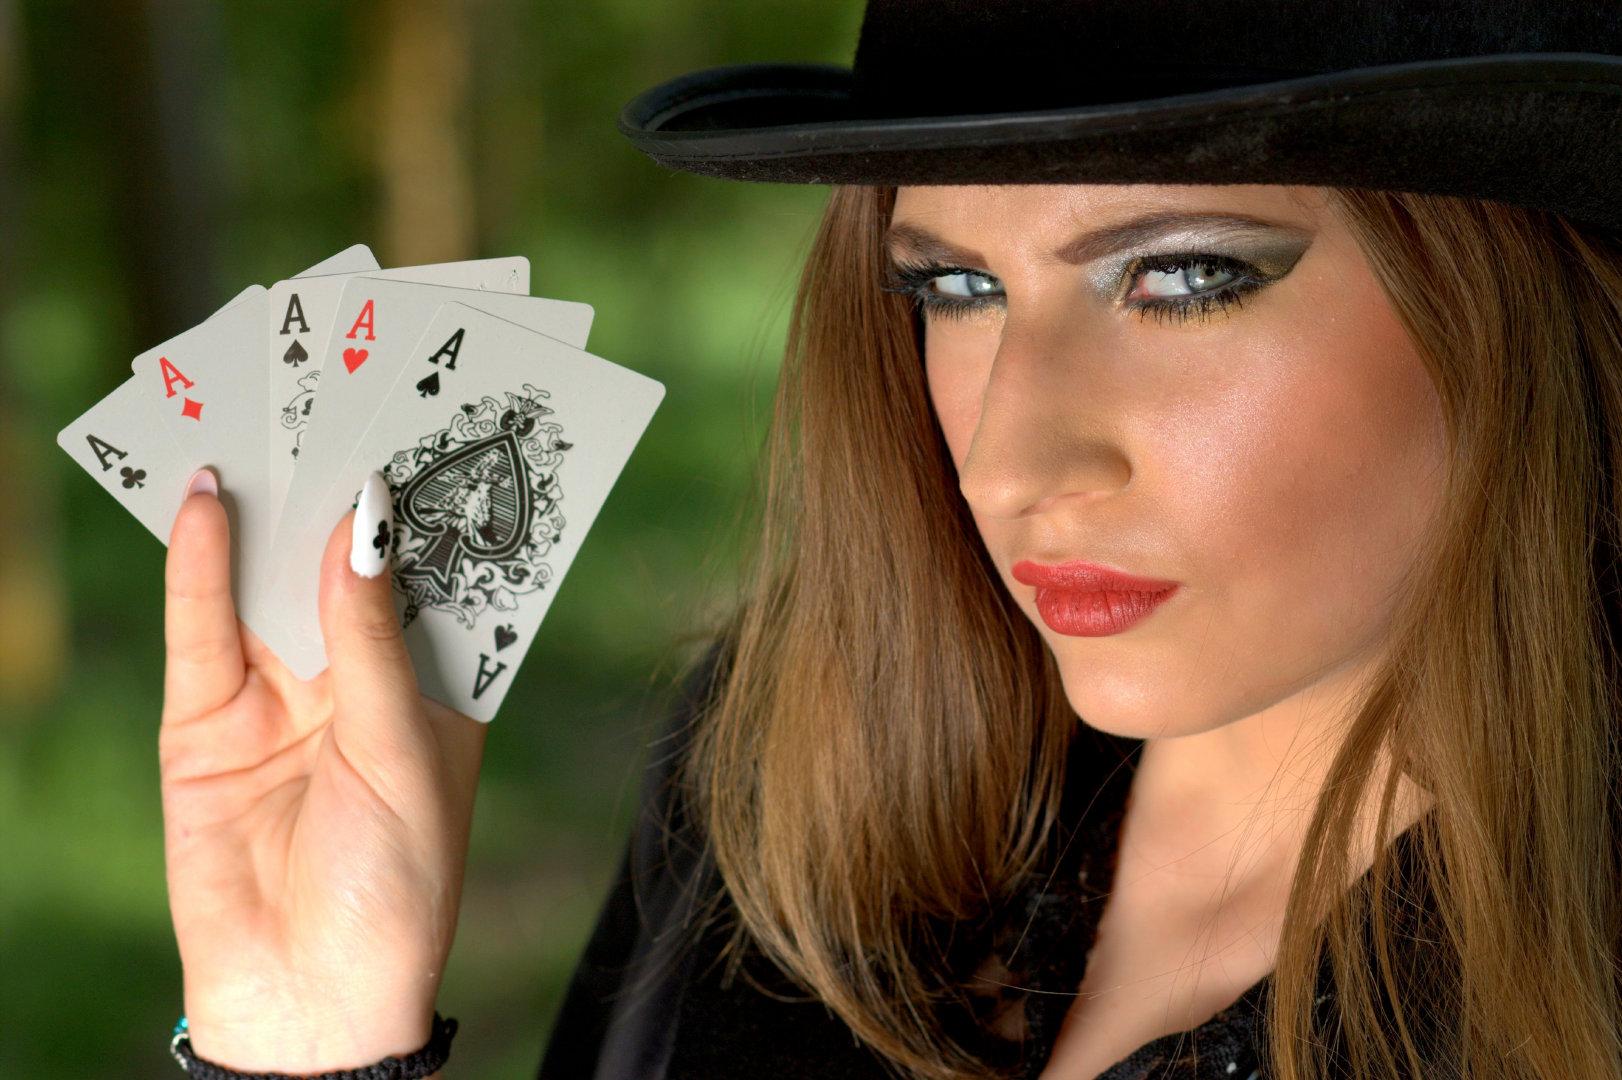 戴着黑色魔术帽的扑克牌女魔术师写真